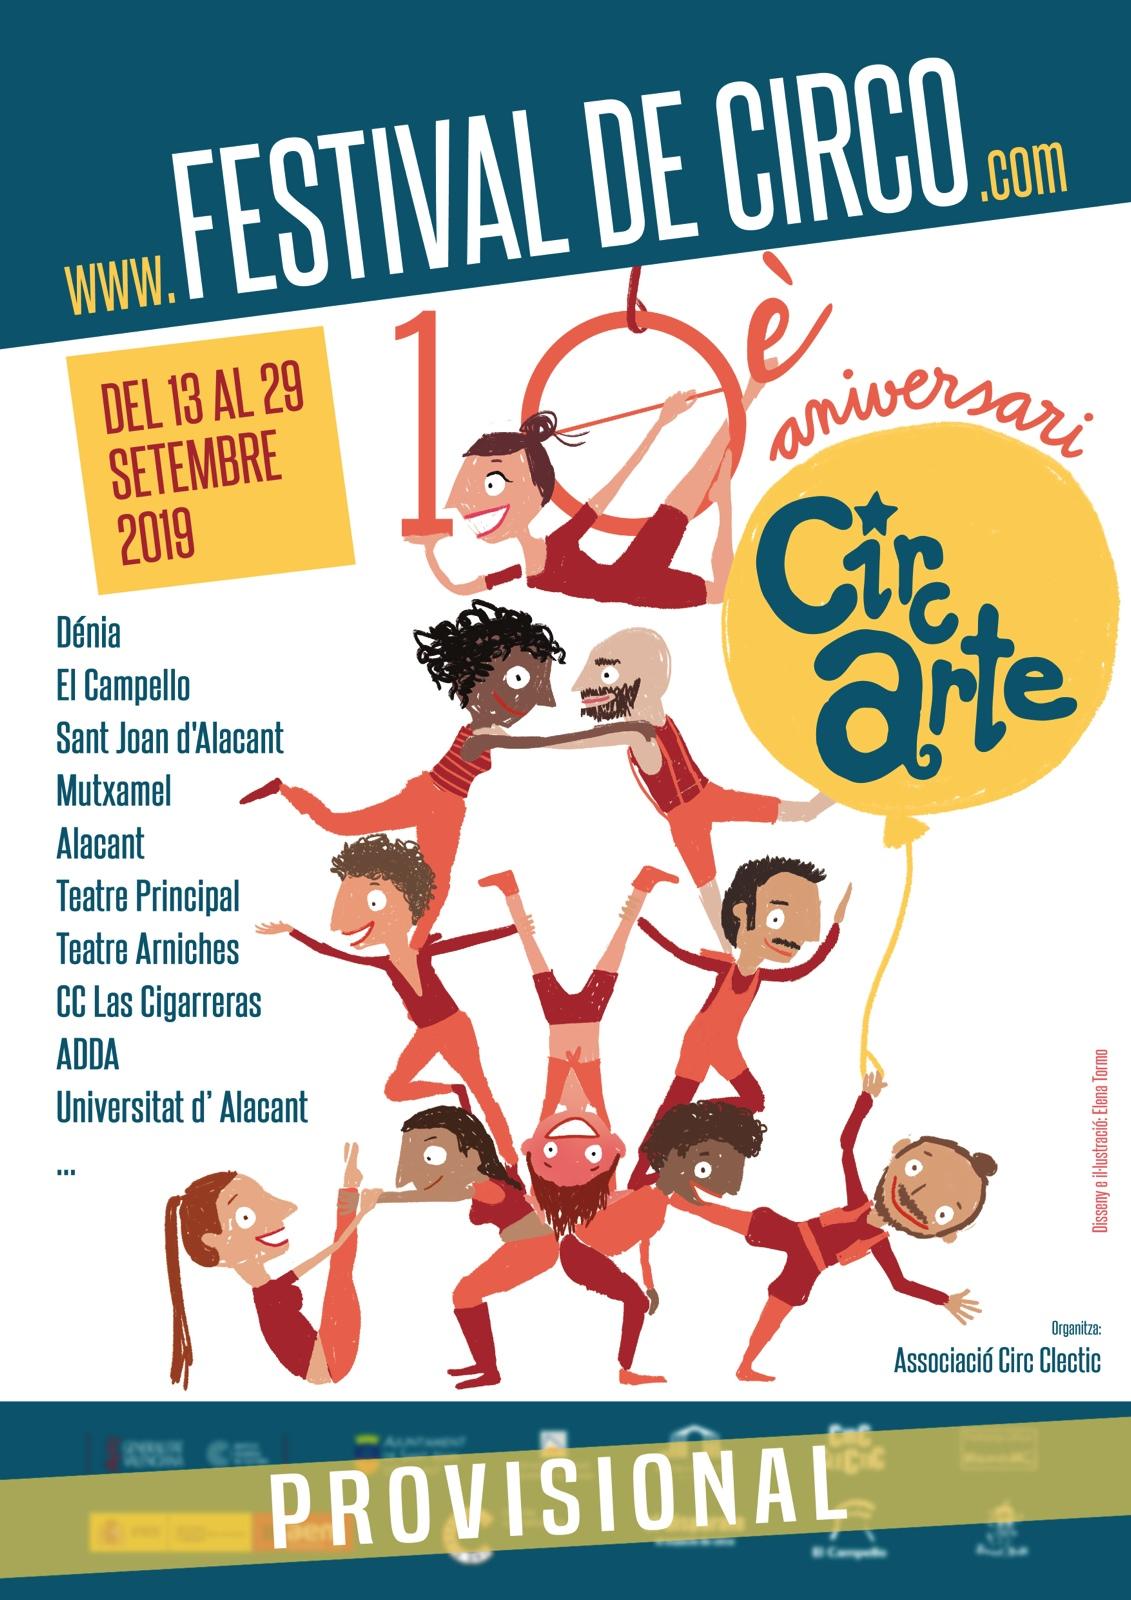 CartelCircarte2019_PROVISIONAL-web